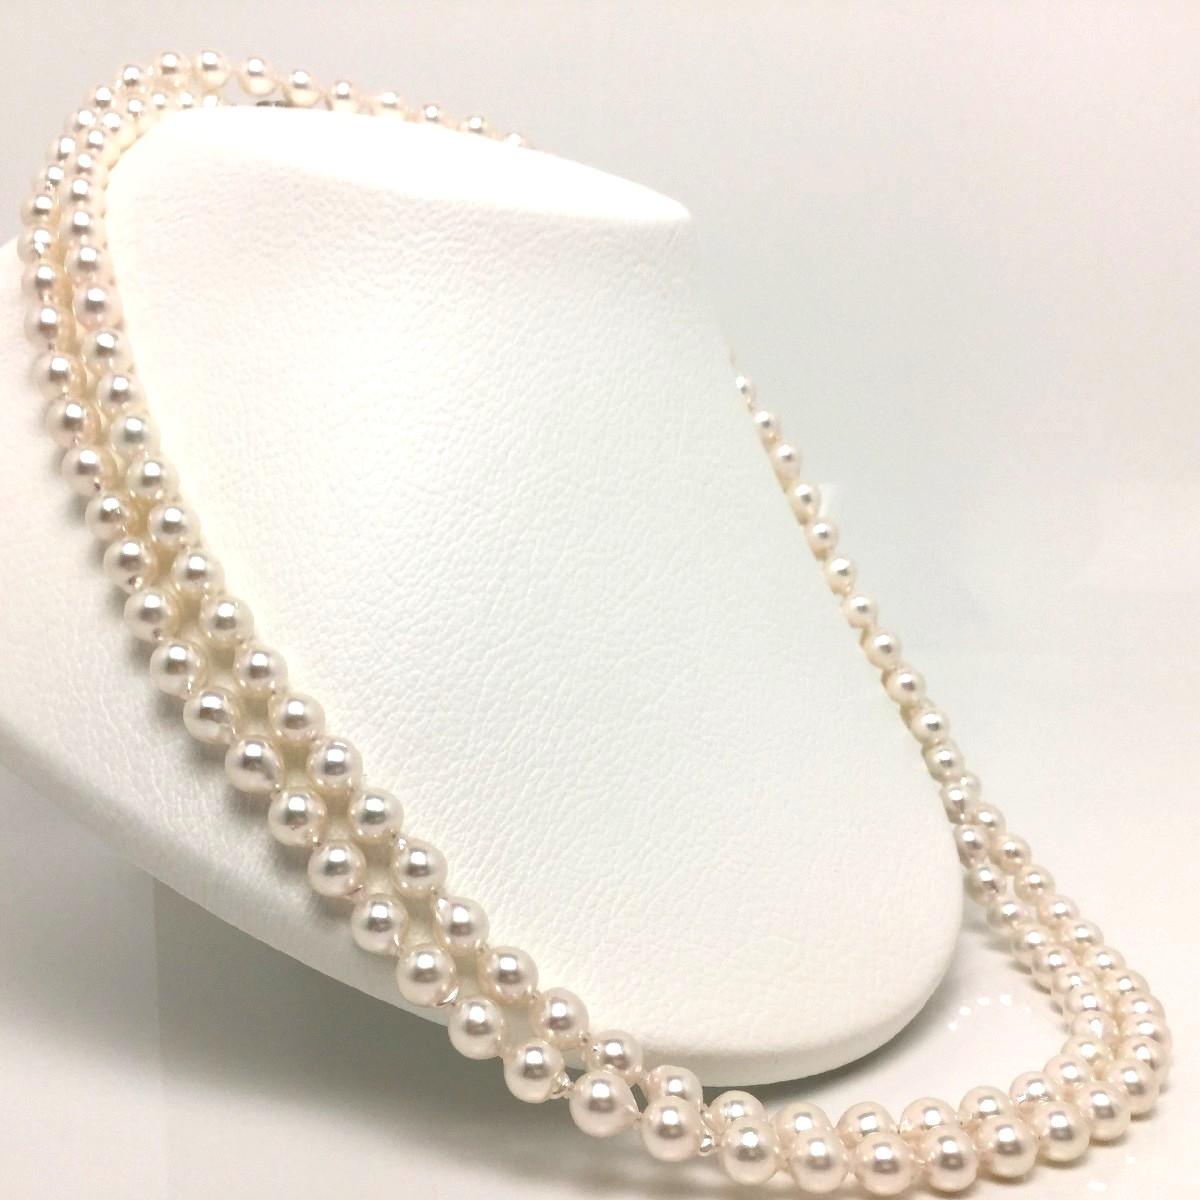 【10%OFF】真珠 ネックレス パール アコヤ真珠 ロング 7.0-7.5mm ホワイトピンク シルバー クラスップ 66065 イソワパール